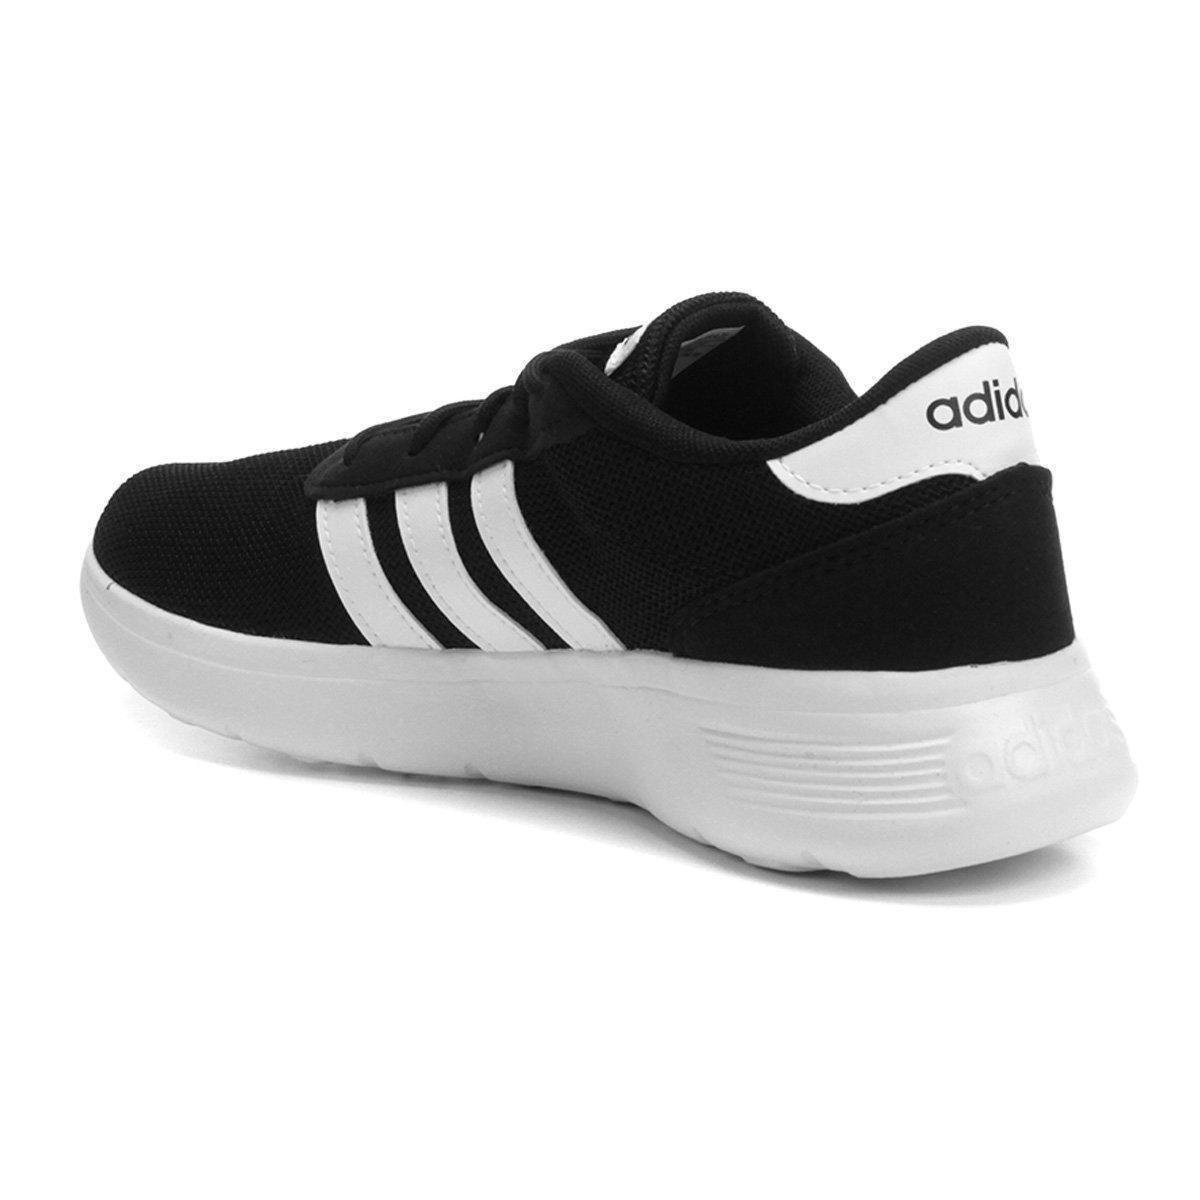 eb9af79ea8d5e Tênis Adidas Lite Racer W Feminino - Branco e Preto - Compre Agora ...